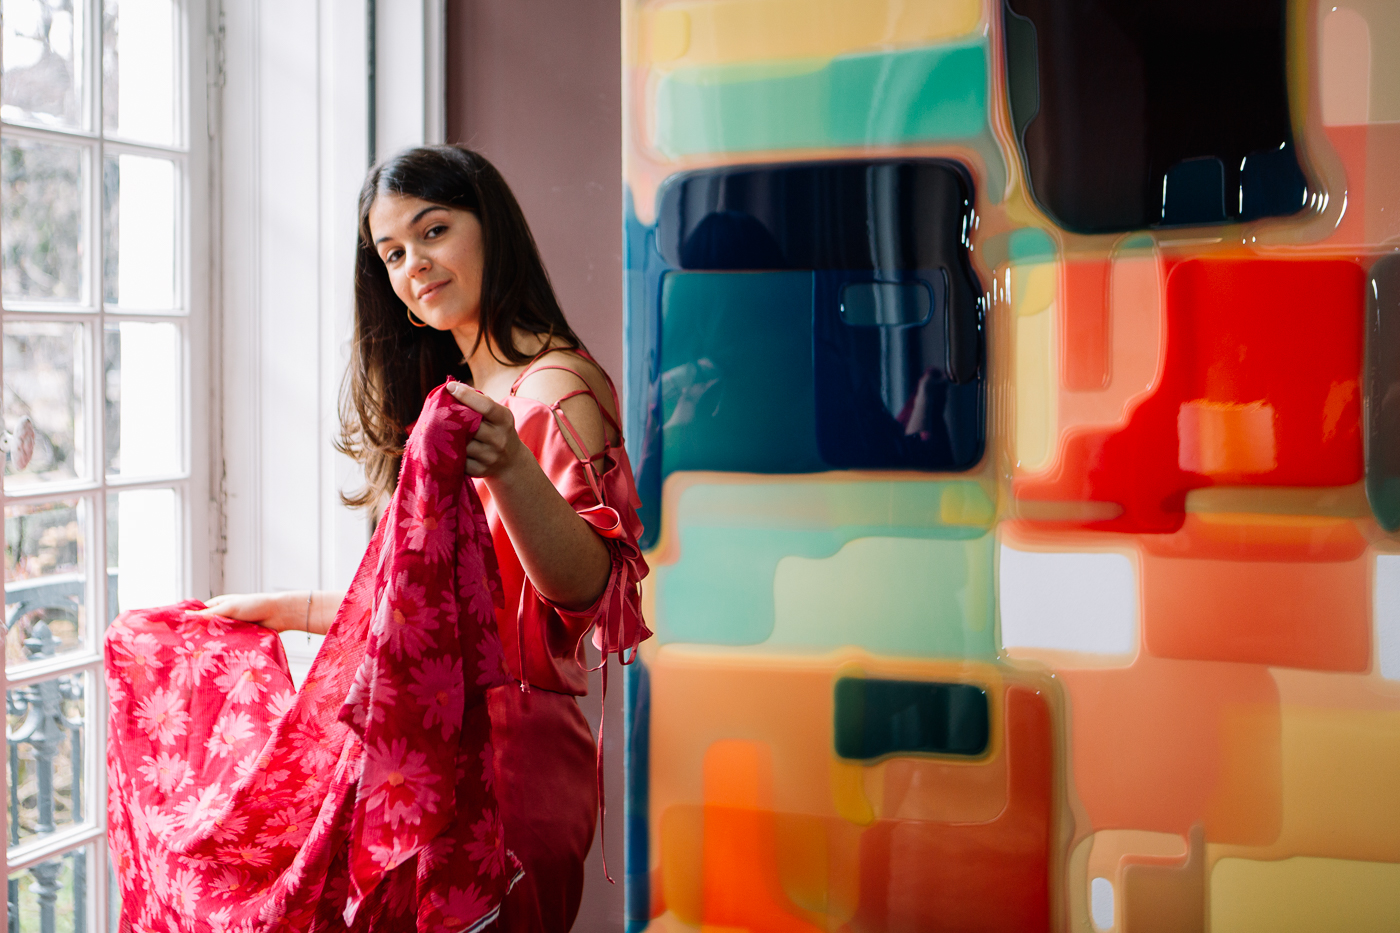 Camille Jarmon habillée d'une combinaison en soie rose Miræ se tient devant une fenêtre et montre une étoffe rose imprimée de fleurs avec à côté d'elle un tableau de Peter Zimmerman